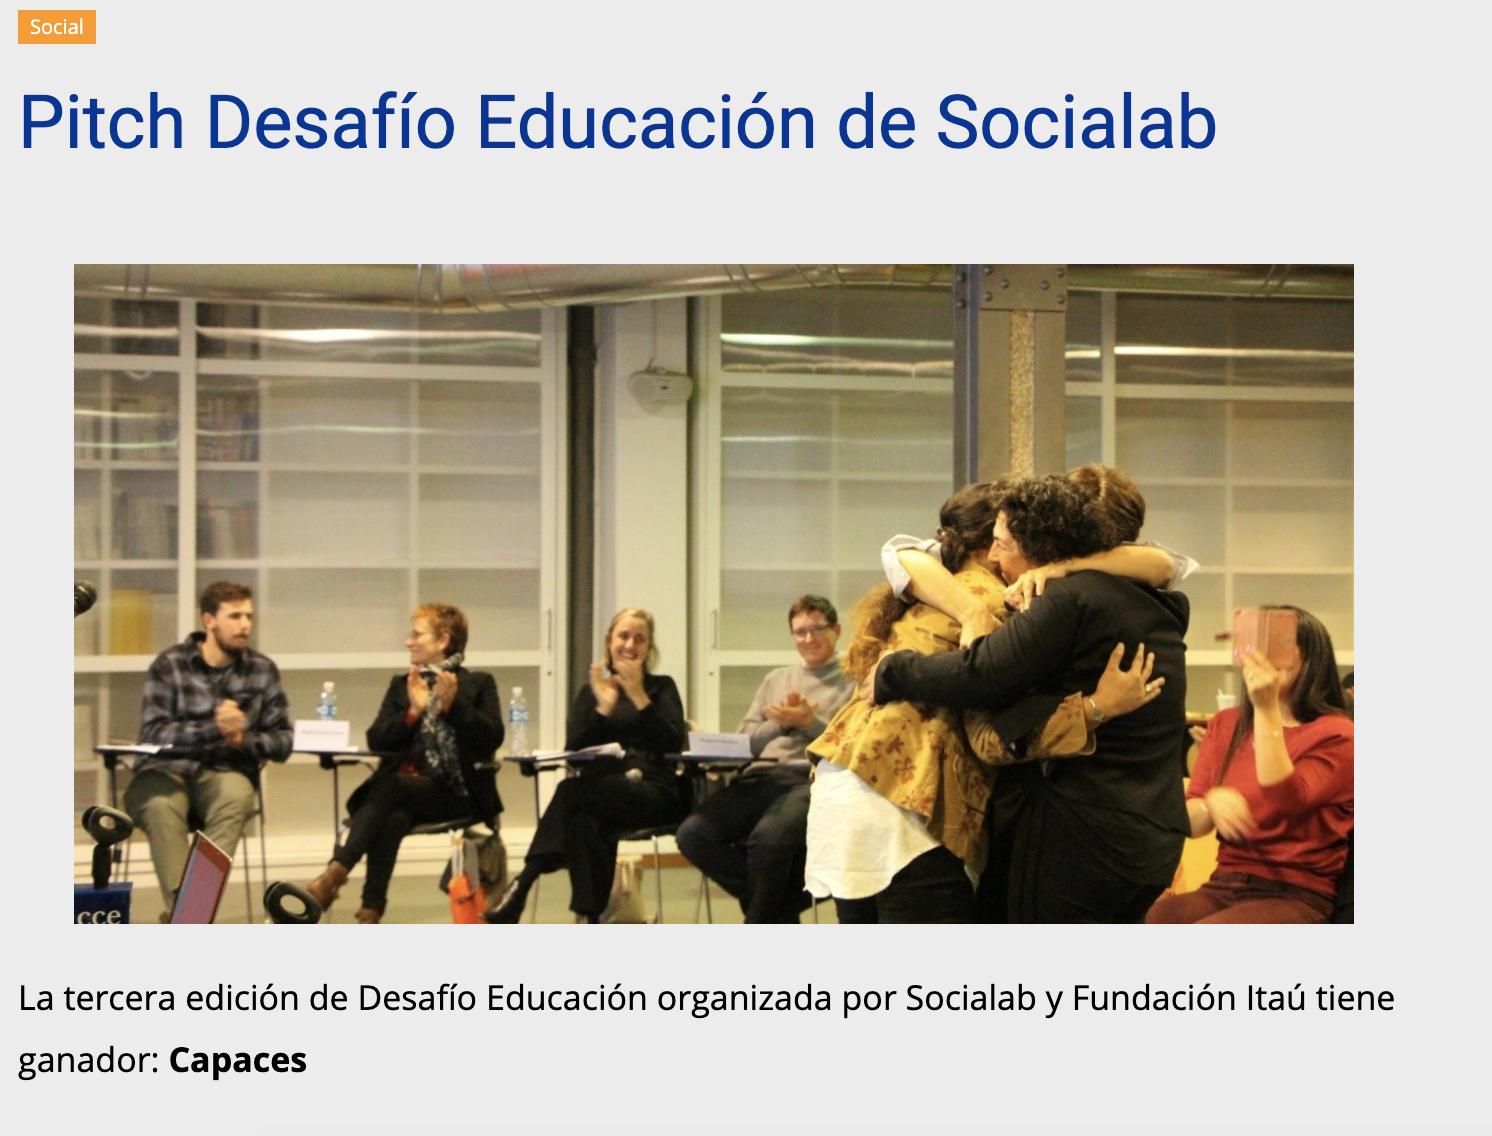 Pitch Desafío Educación de Socialab -